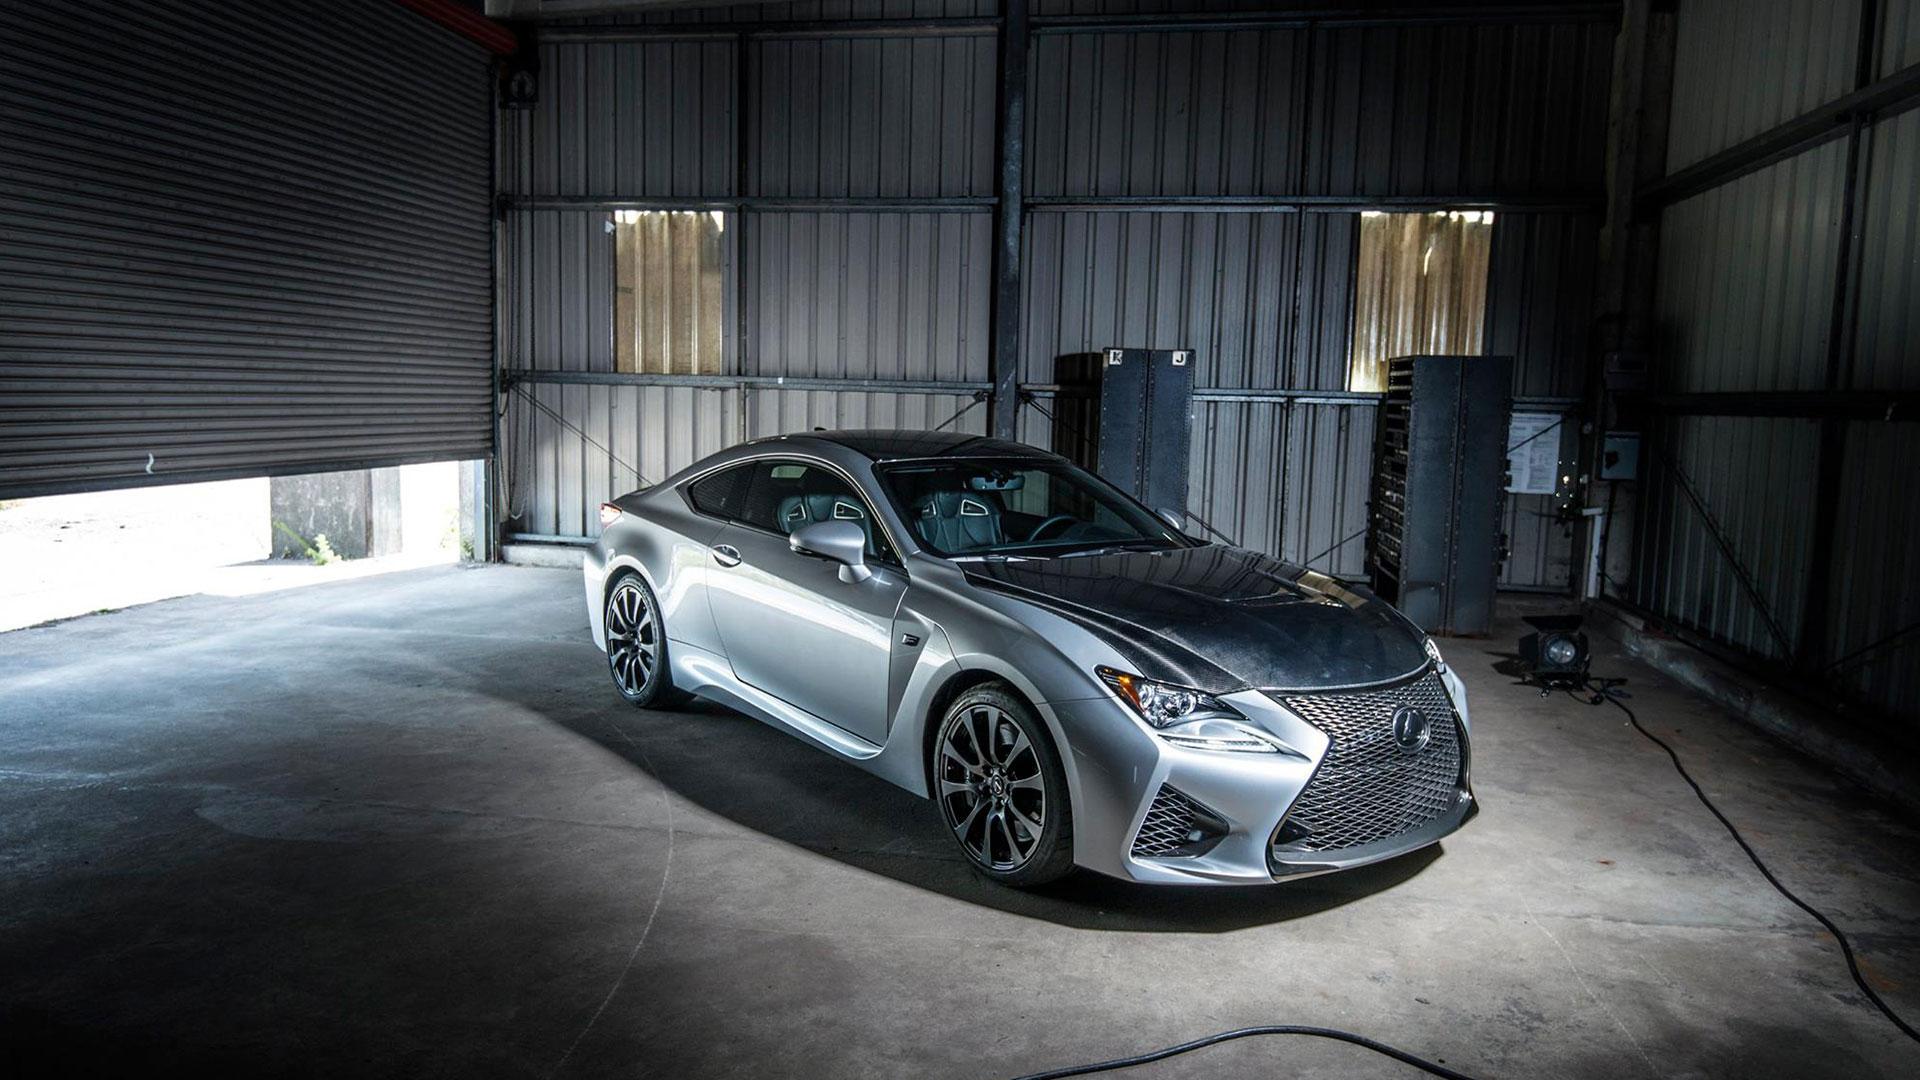 Llega Lexus RC F hero asset